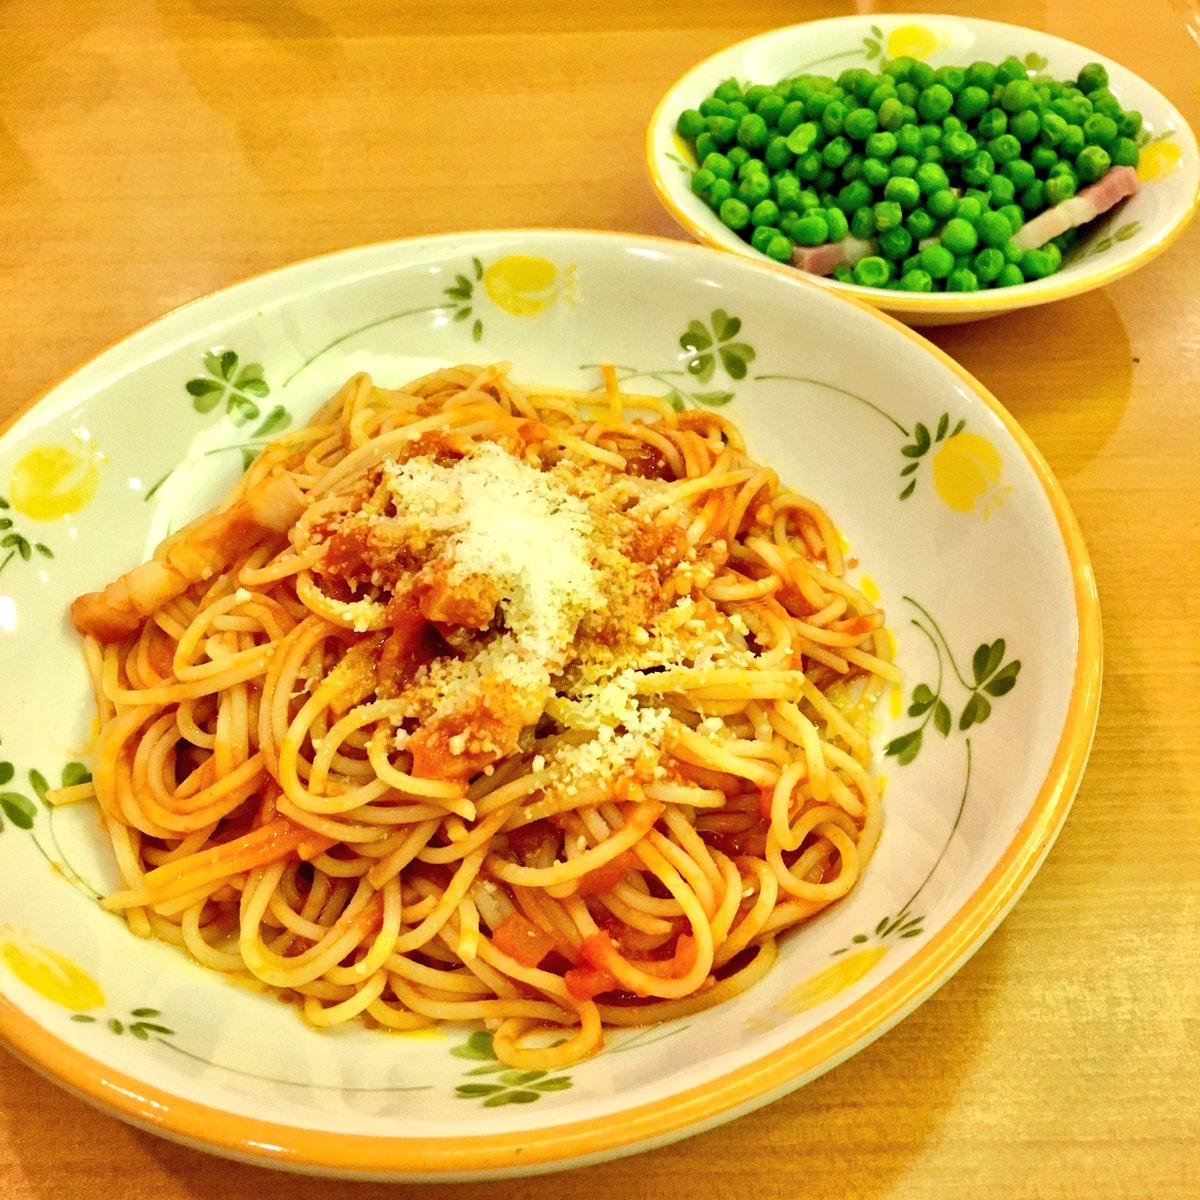 風 スパゲティ パルマ サイゼリヤのパルマ風スパゲティを食べた事がある方に質問です。